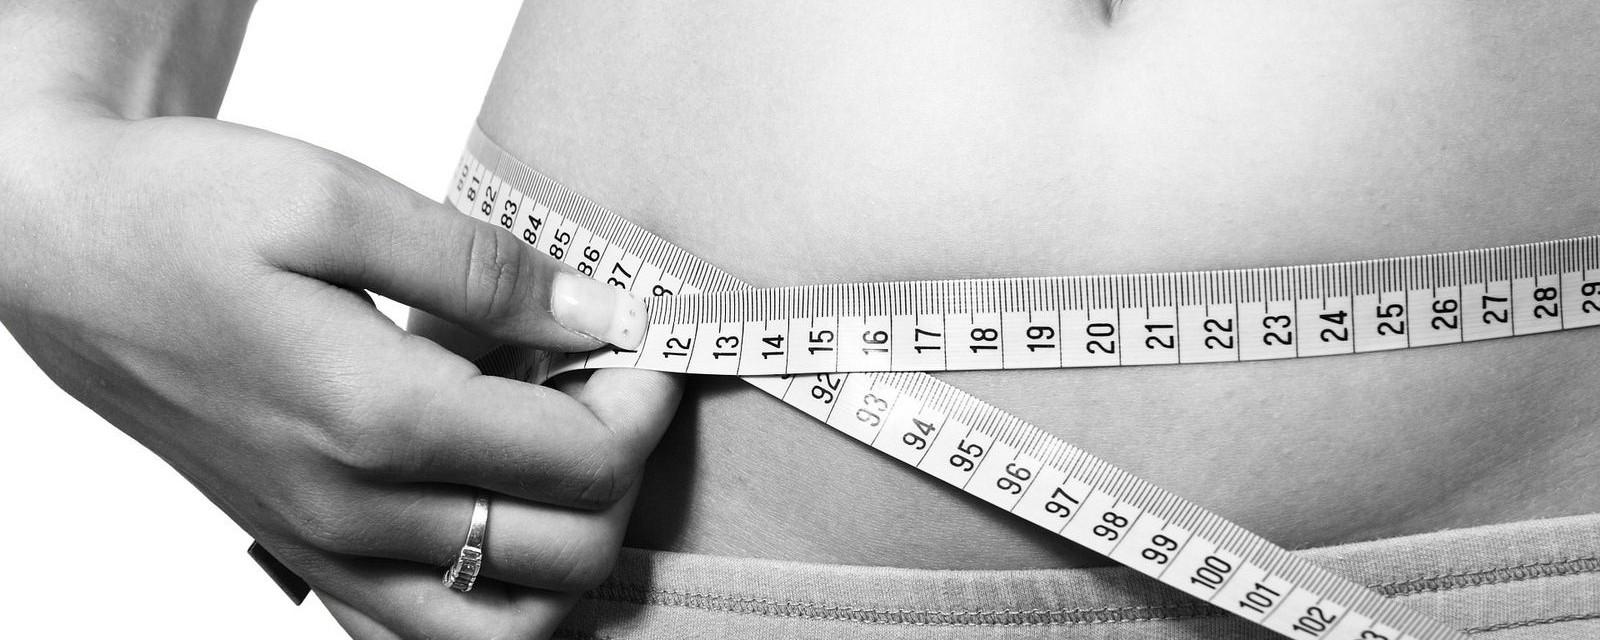 vase de ardere a grăsimilor scădere în greutate și răbdare